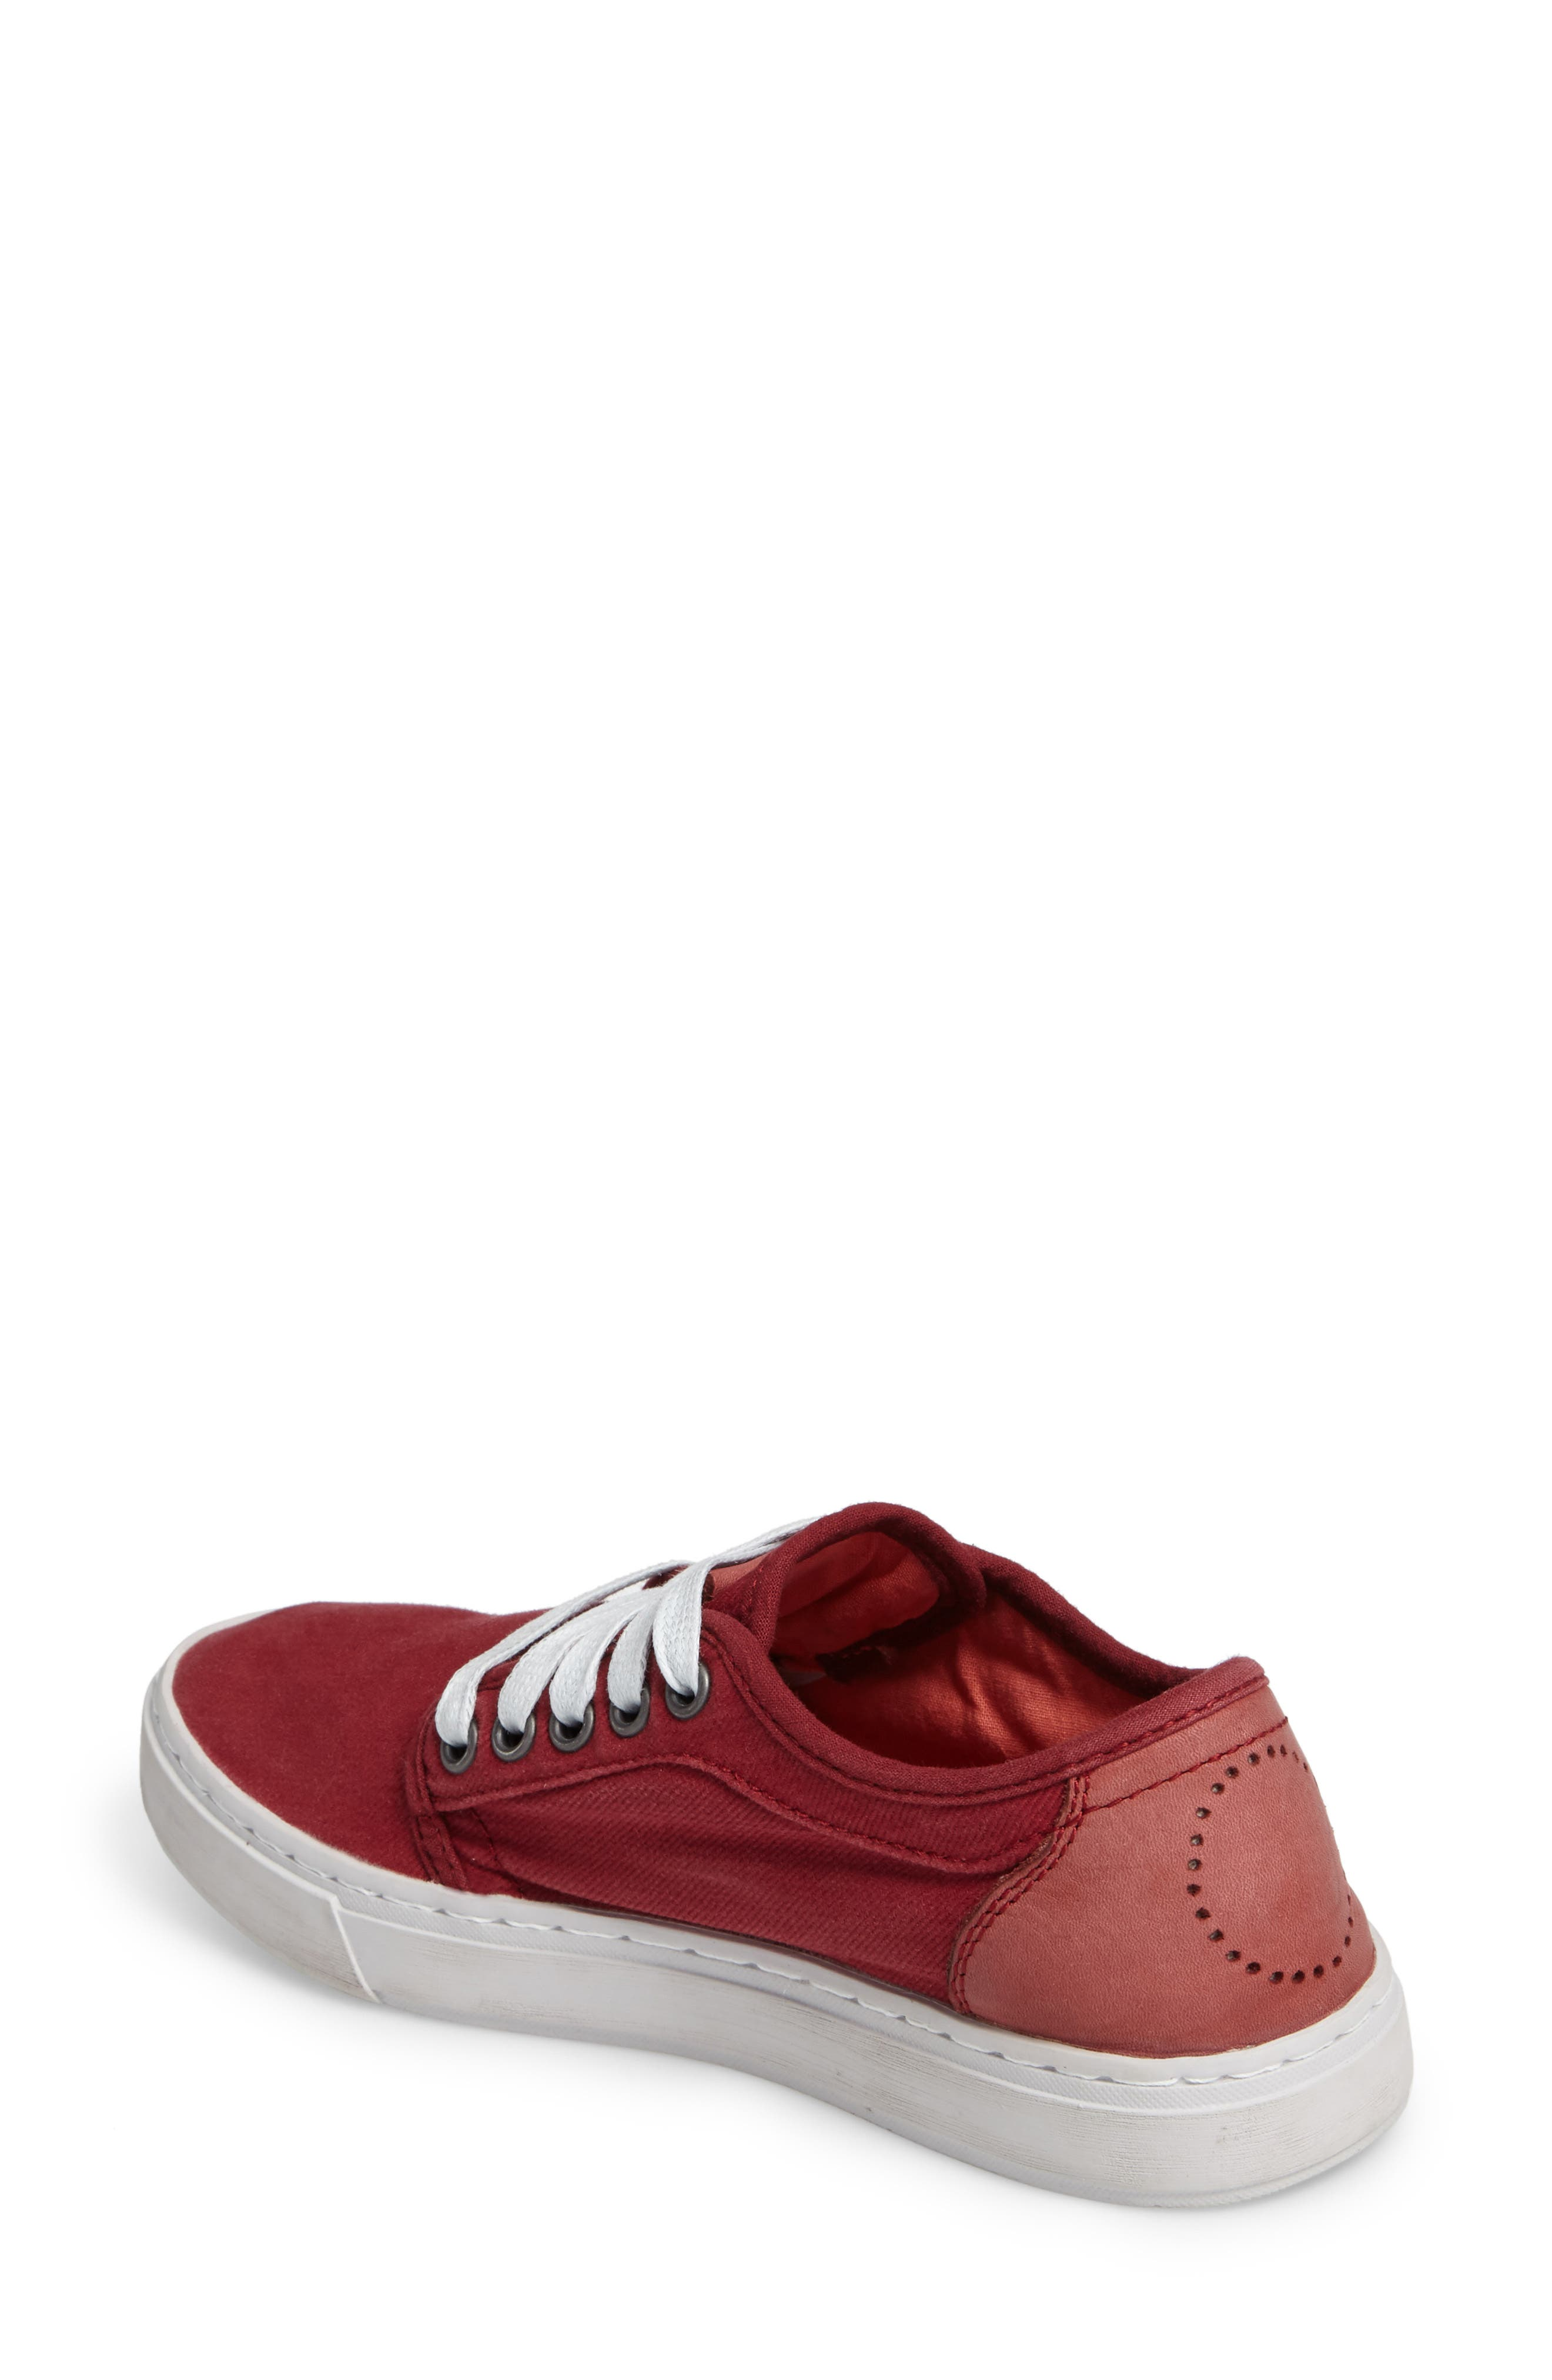 Heisei Sneaker,                             Alternate thumbnail 4, color,